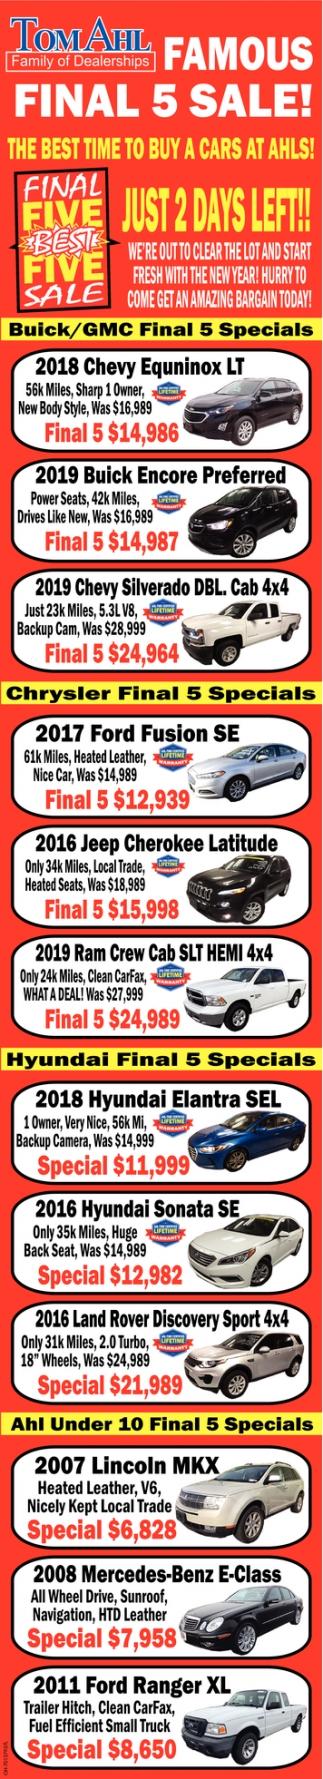 Famous Final 5 Sale!